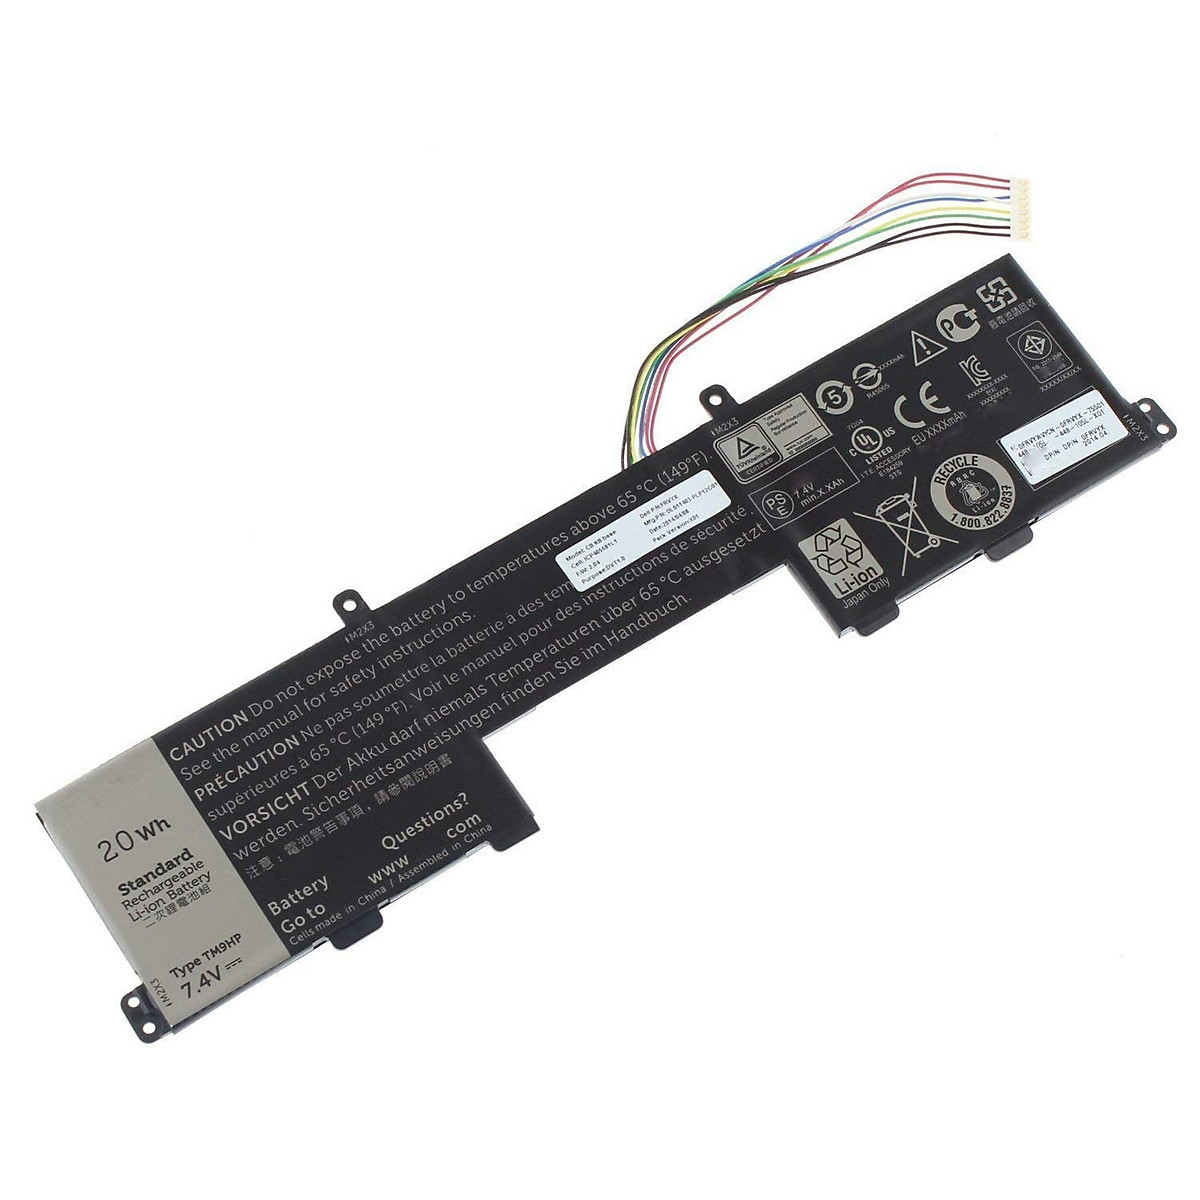 PIN dành cho LAPTOP DELL LATITUDE 13-7350- 271J9 – Pin của màn hình